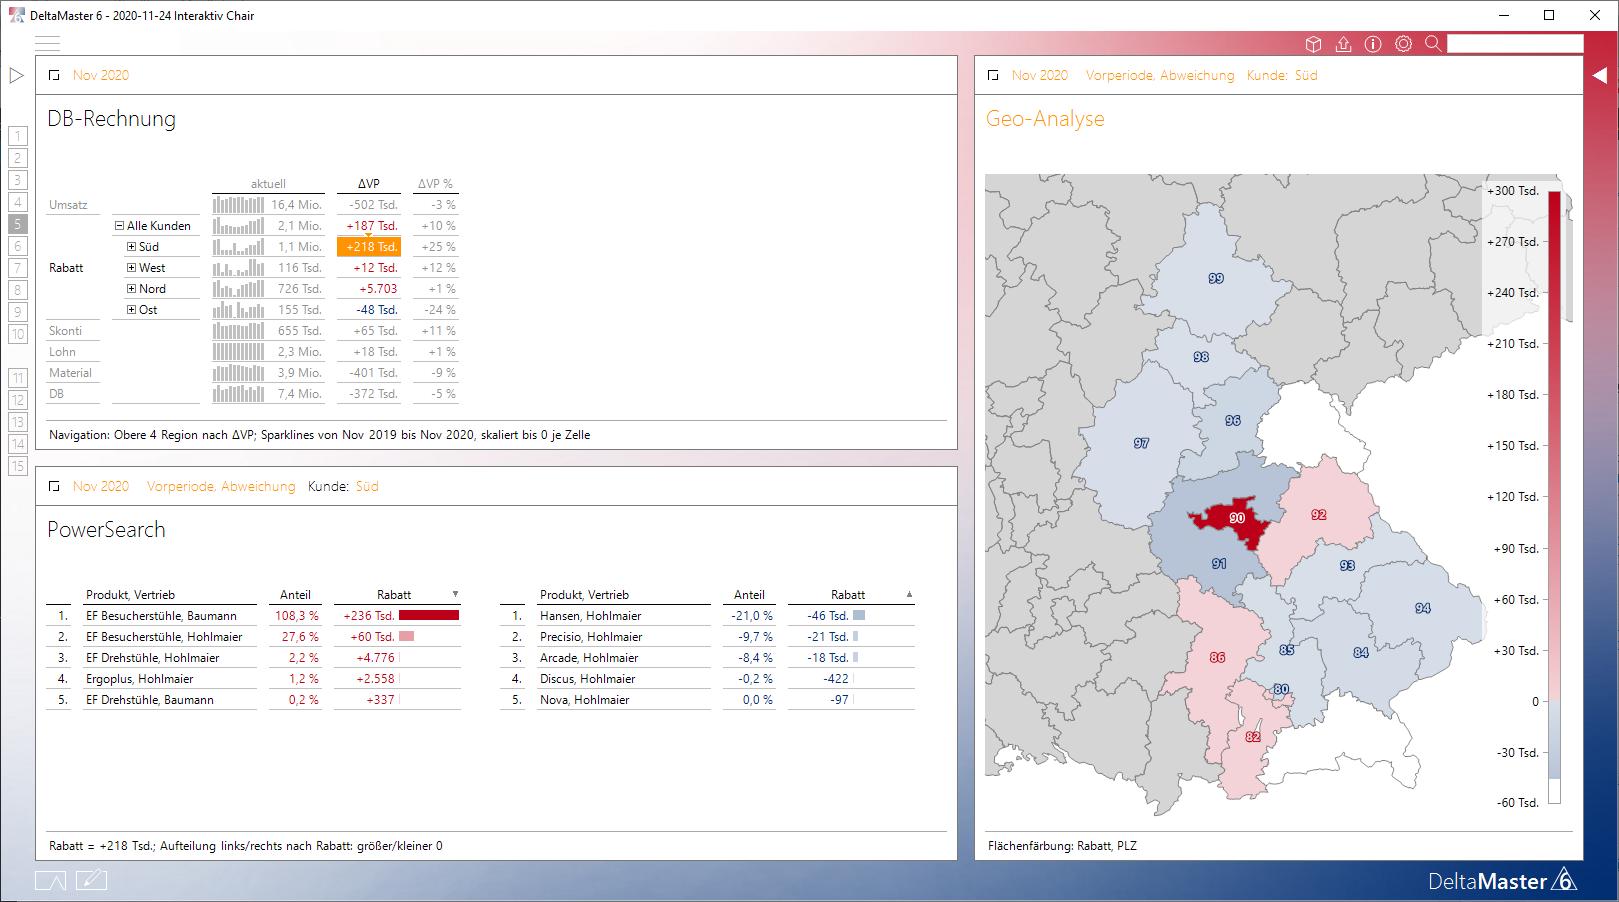 Die interaktive Analyse auf Region Süd bei der Rabattänderung wird durchgeführt.